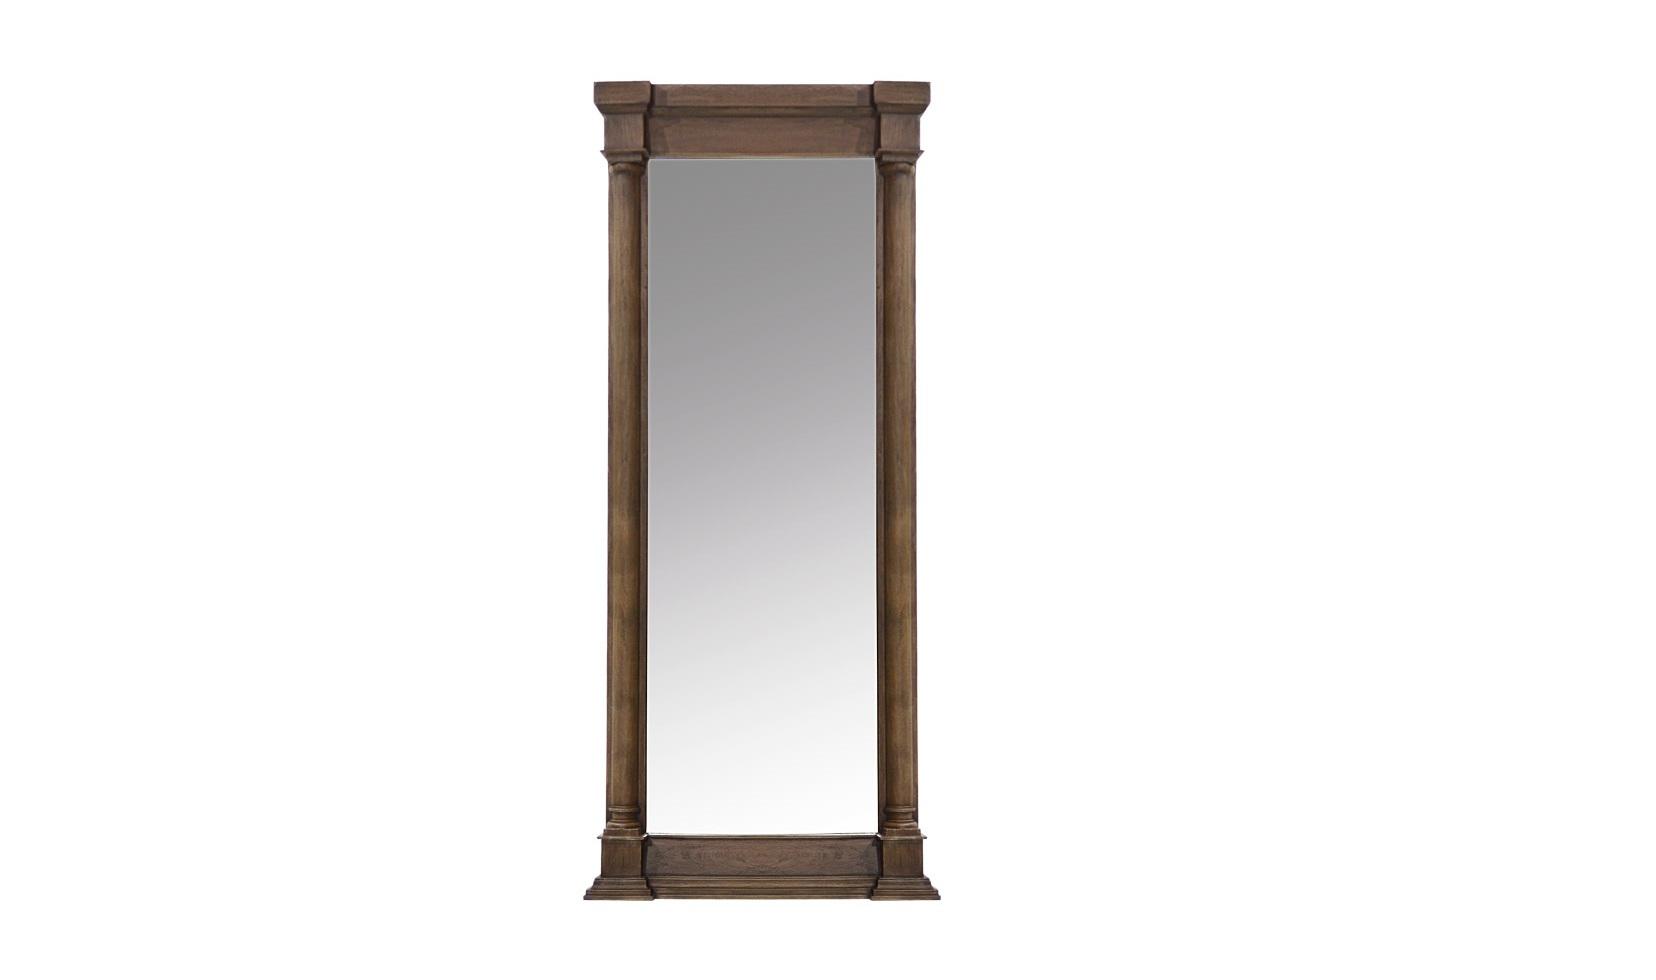 Зеркало Destiny mirrorНастенные зеркала<br>Превосходным дополнением интерьера особняка в английском стиле станет &amp;quot;Destiny Mirror&amp;quot;. Это зеркало, преисполненное элегантности, отменно впишется в сдержанное оформление, источающее утонченную роскошь. Резная деревянная рама в коньячном цвете позволит легко комбинировать декор с мебелью любой благородной гаммы. Геометричные пропорции придадут дизайну пространства больше строгости.<br><br>Material: Дерево<br>Ширина см: 87<br>Высота см: 204<br>Глубина см: 12